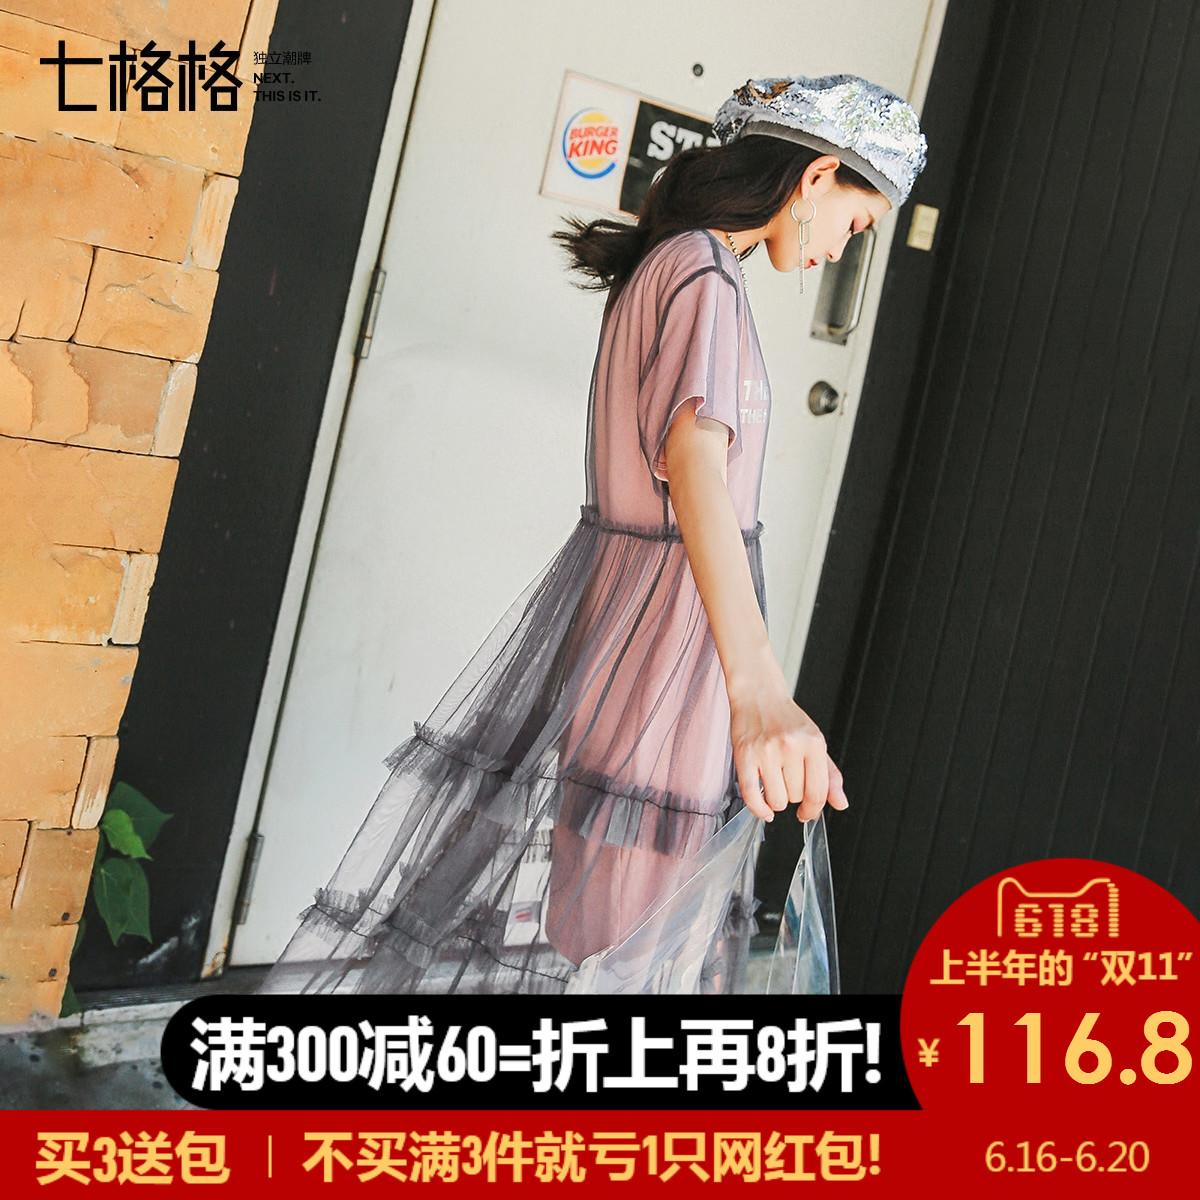 chic流行蕾丝连衣裙女夏装2018新款bf风网纱罩衫原宿风长裙子学生